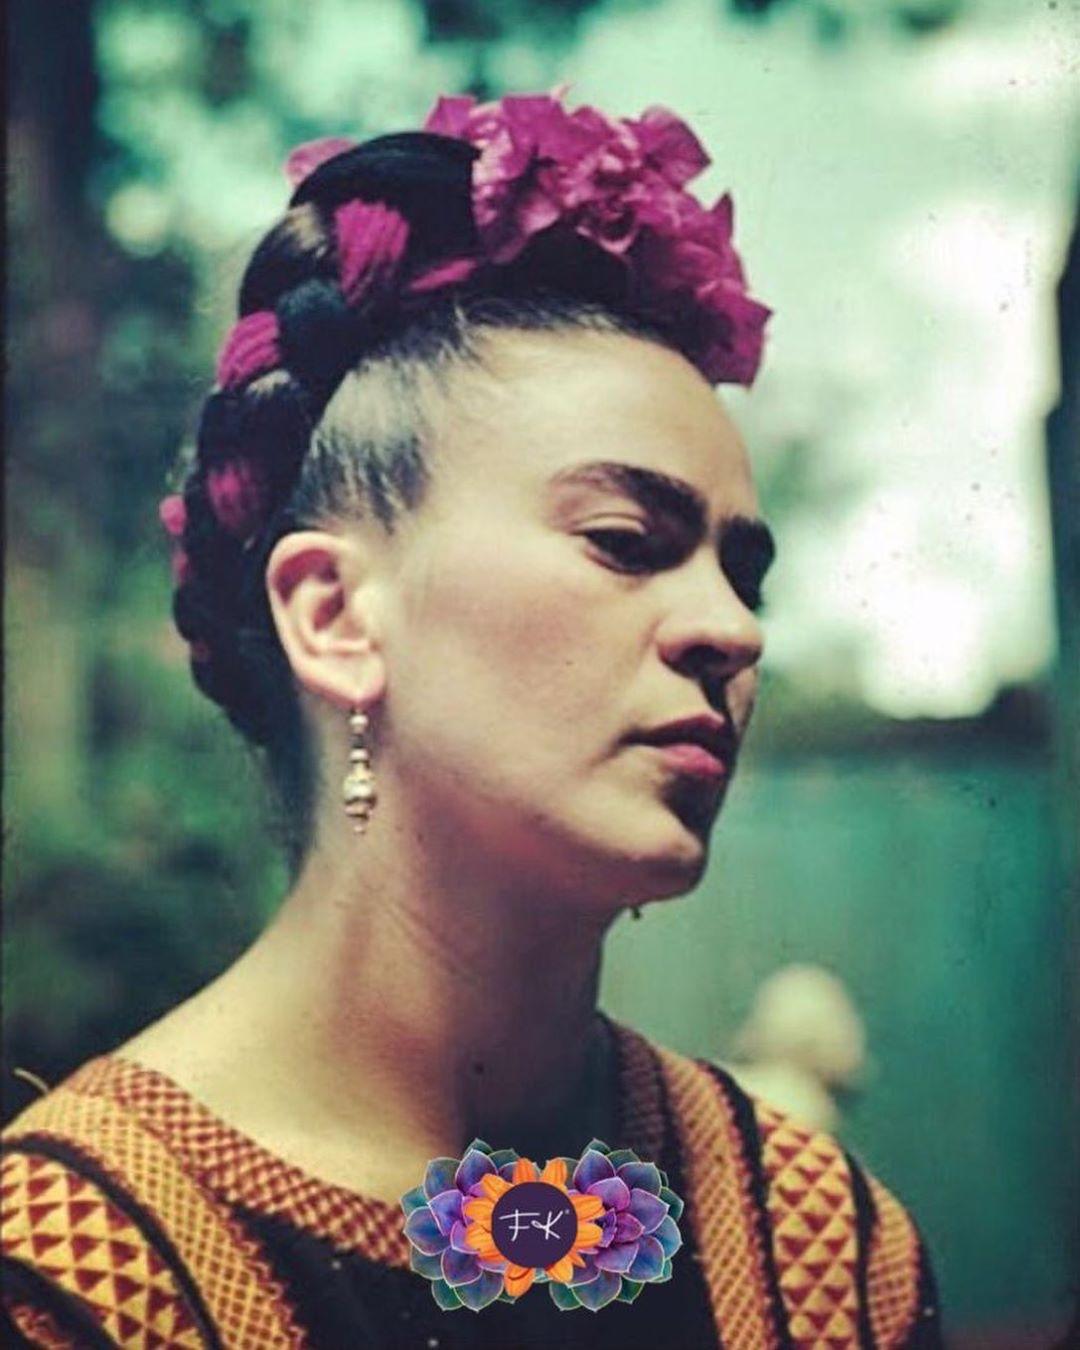 revelan-audio-con-voz-de-frida-kahlo